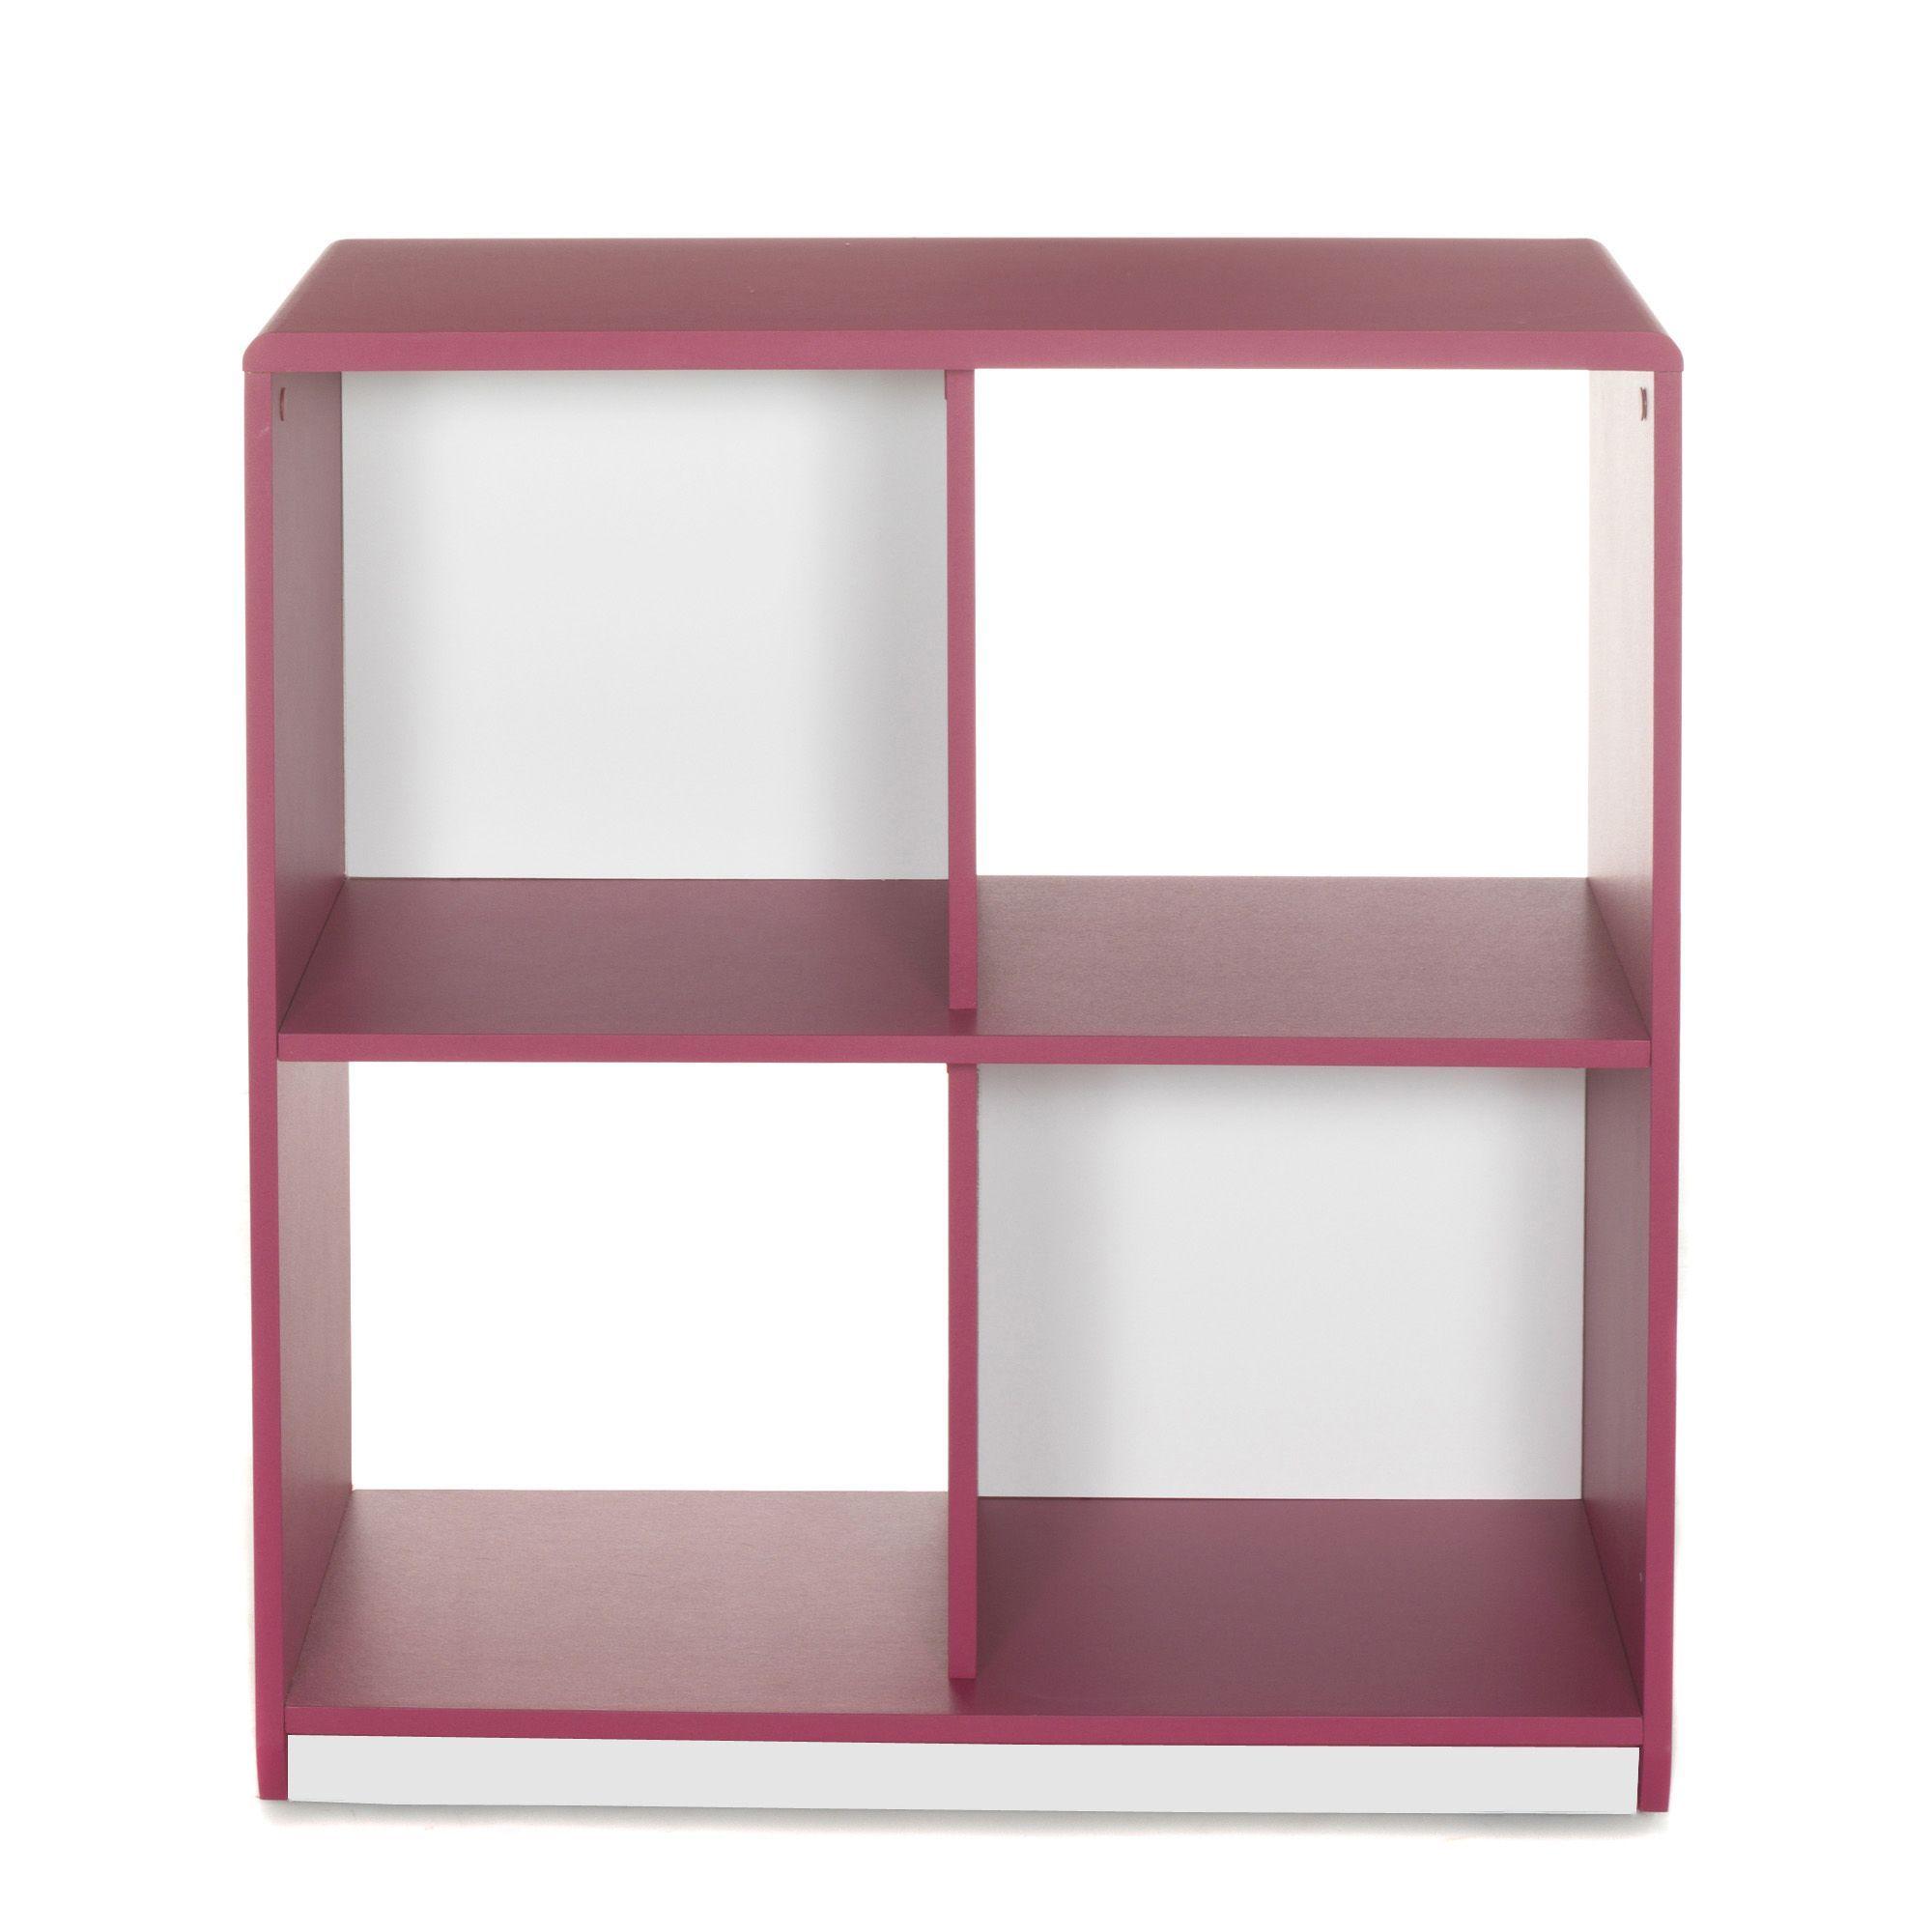 Meuble De Rangement à 4 Cases / étagère Framboise Réversible Blanc   Cool    Les étagères